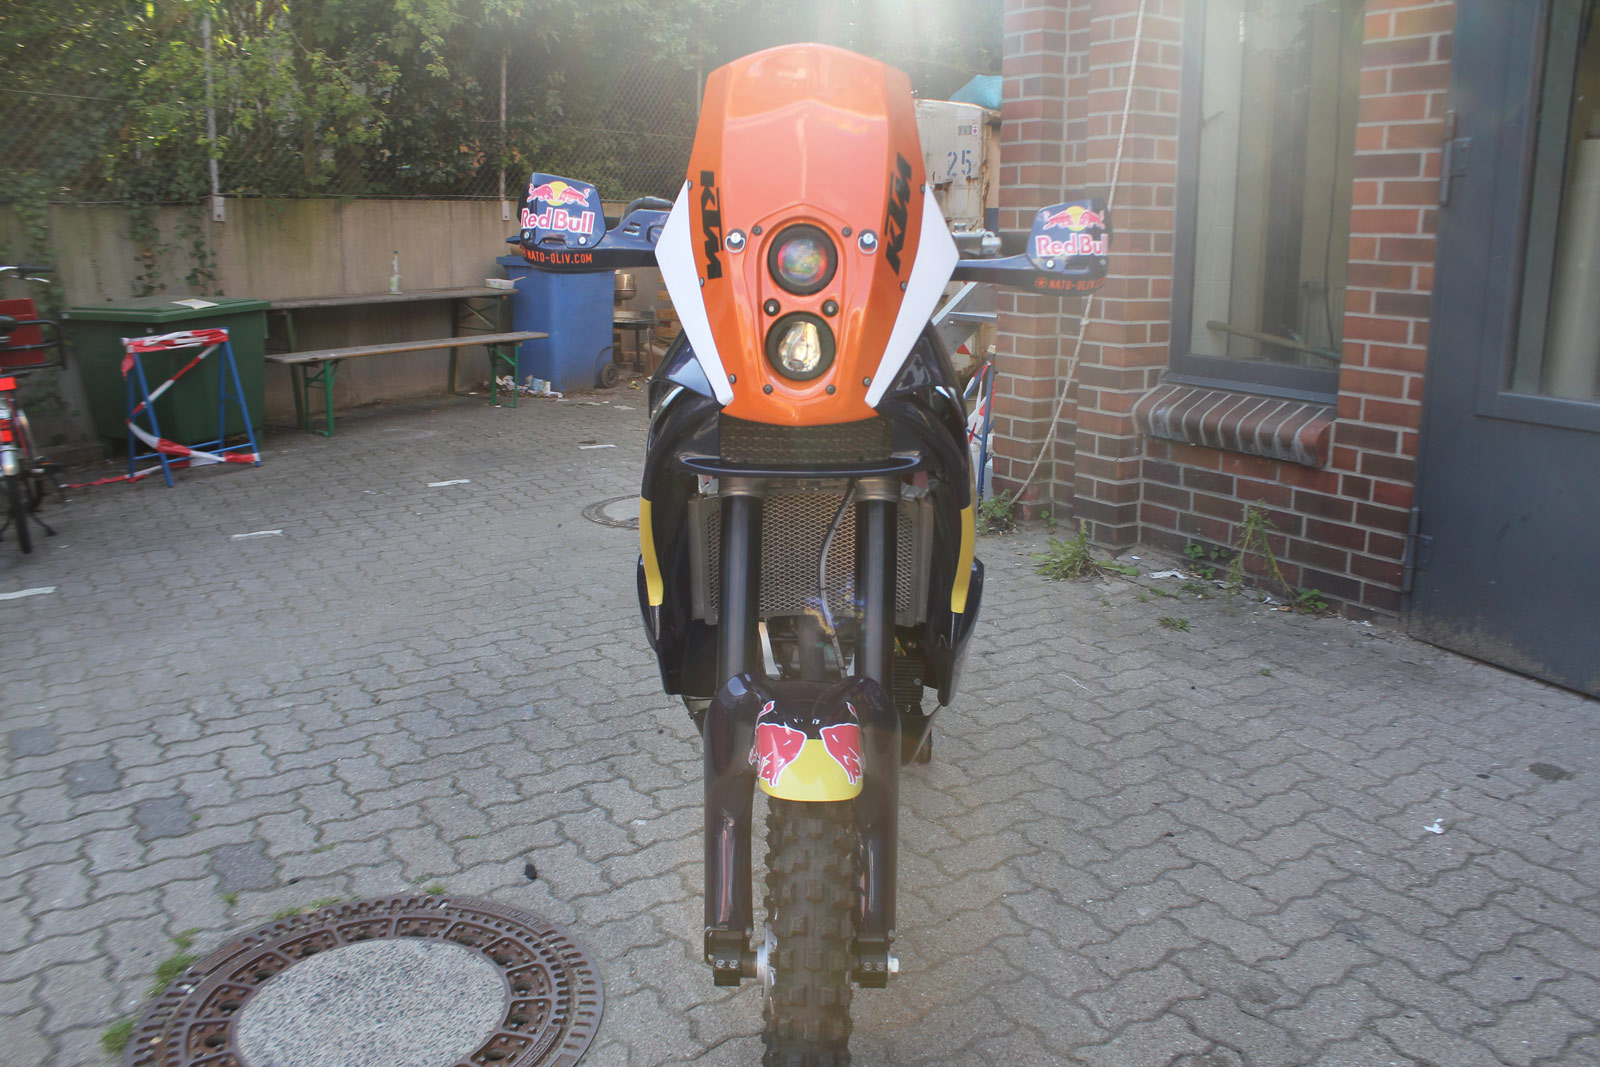 REDBULL_KTM_MOTORRAD_FOLIERUNG_15